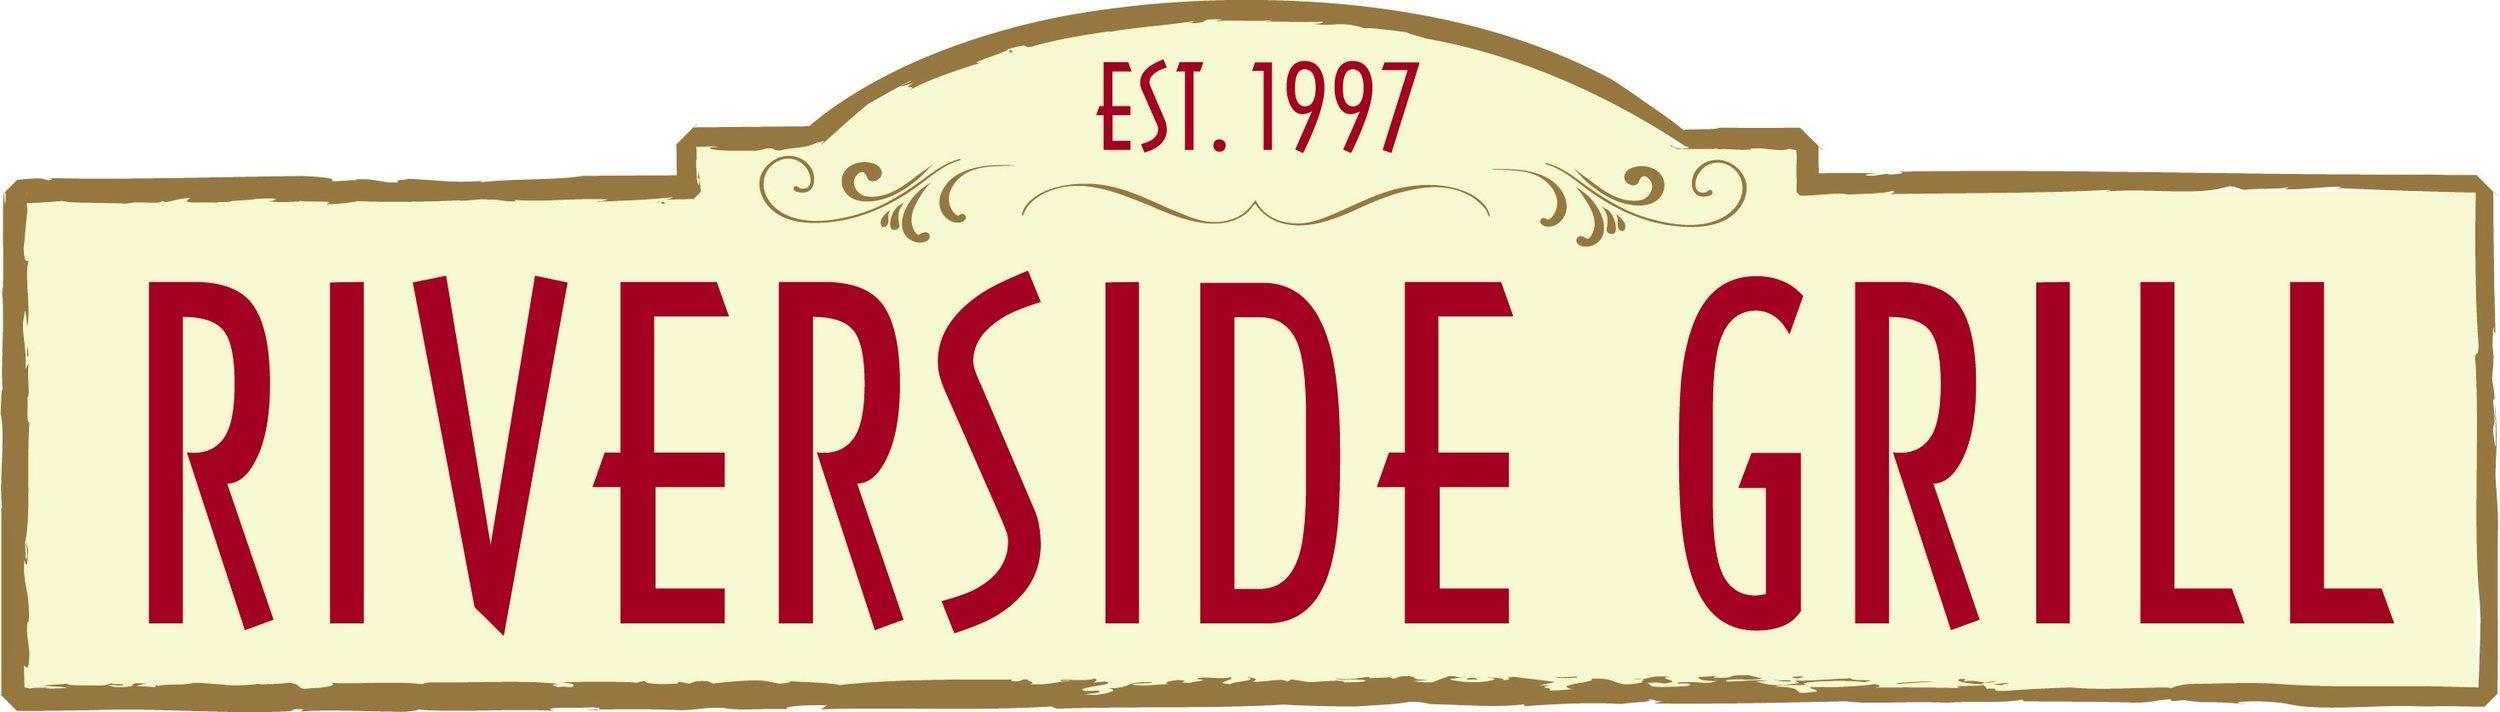 Riverside Grill-Logo.jpg